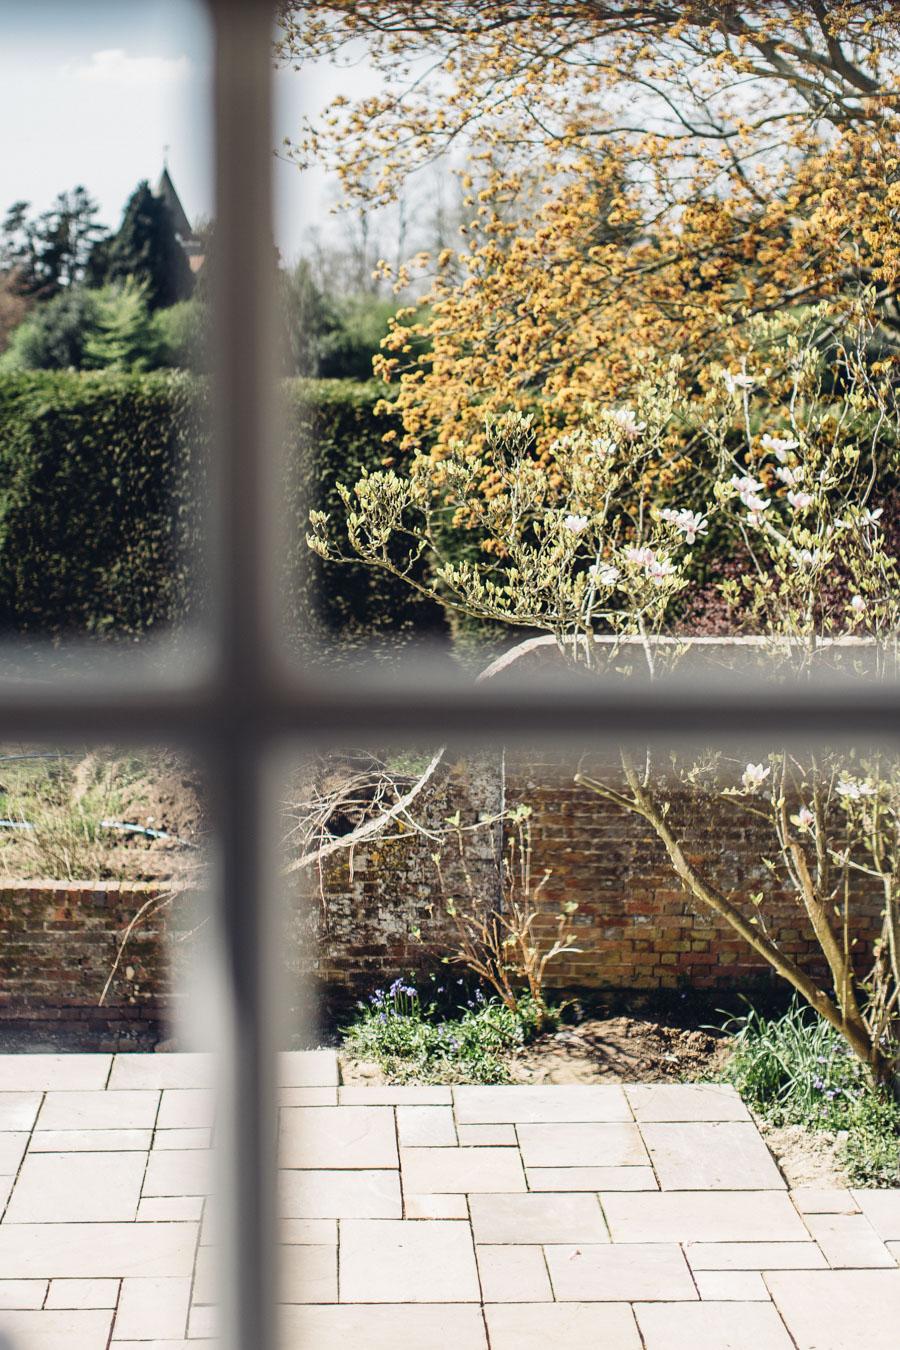 Battel Hall Garden in Kent